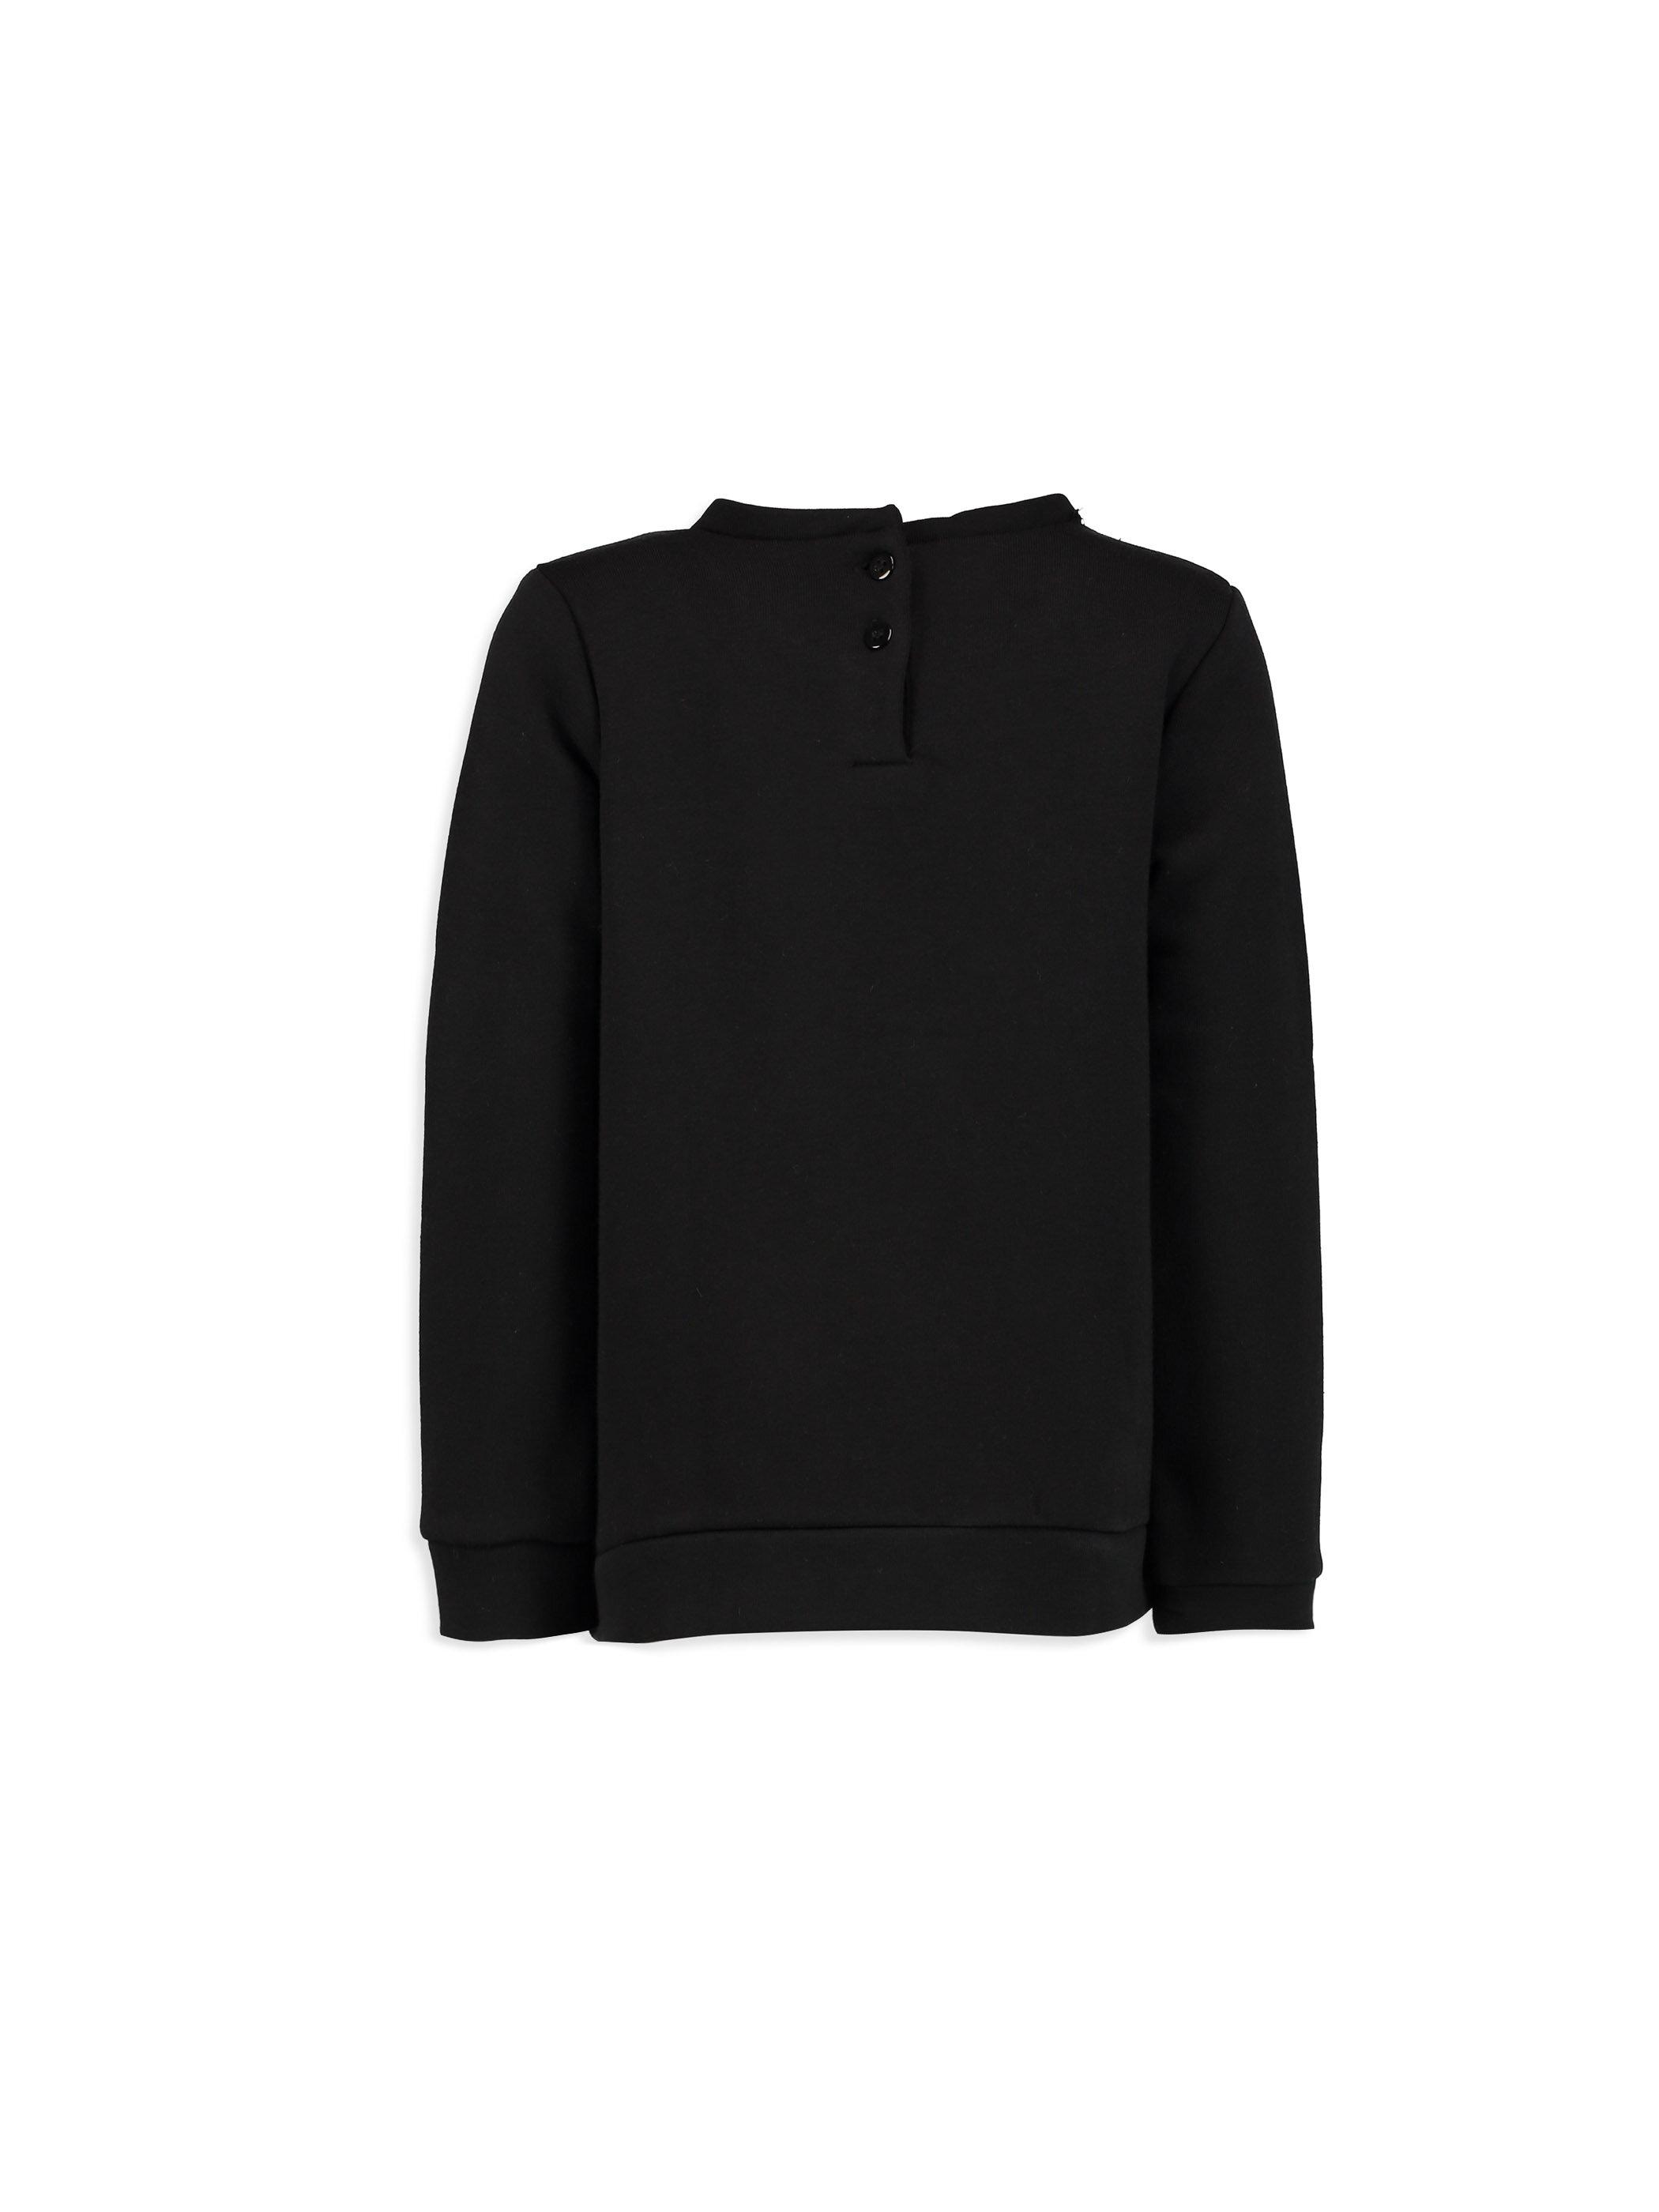 Yazı Baskılı Bağlama Detaylı Sweatshirt -7KA407Z4-CVL